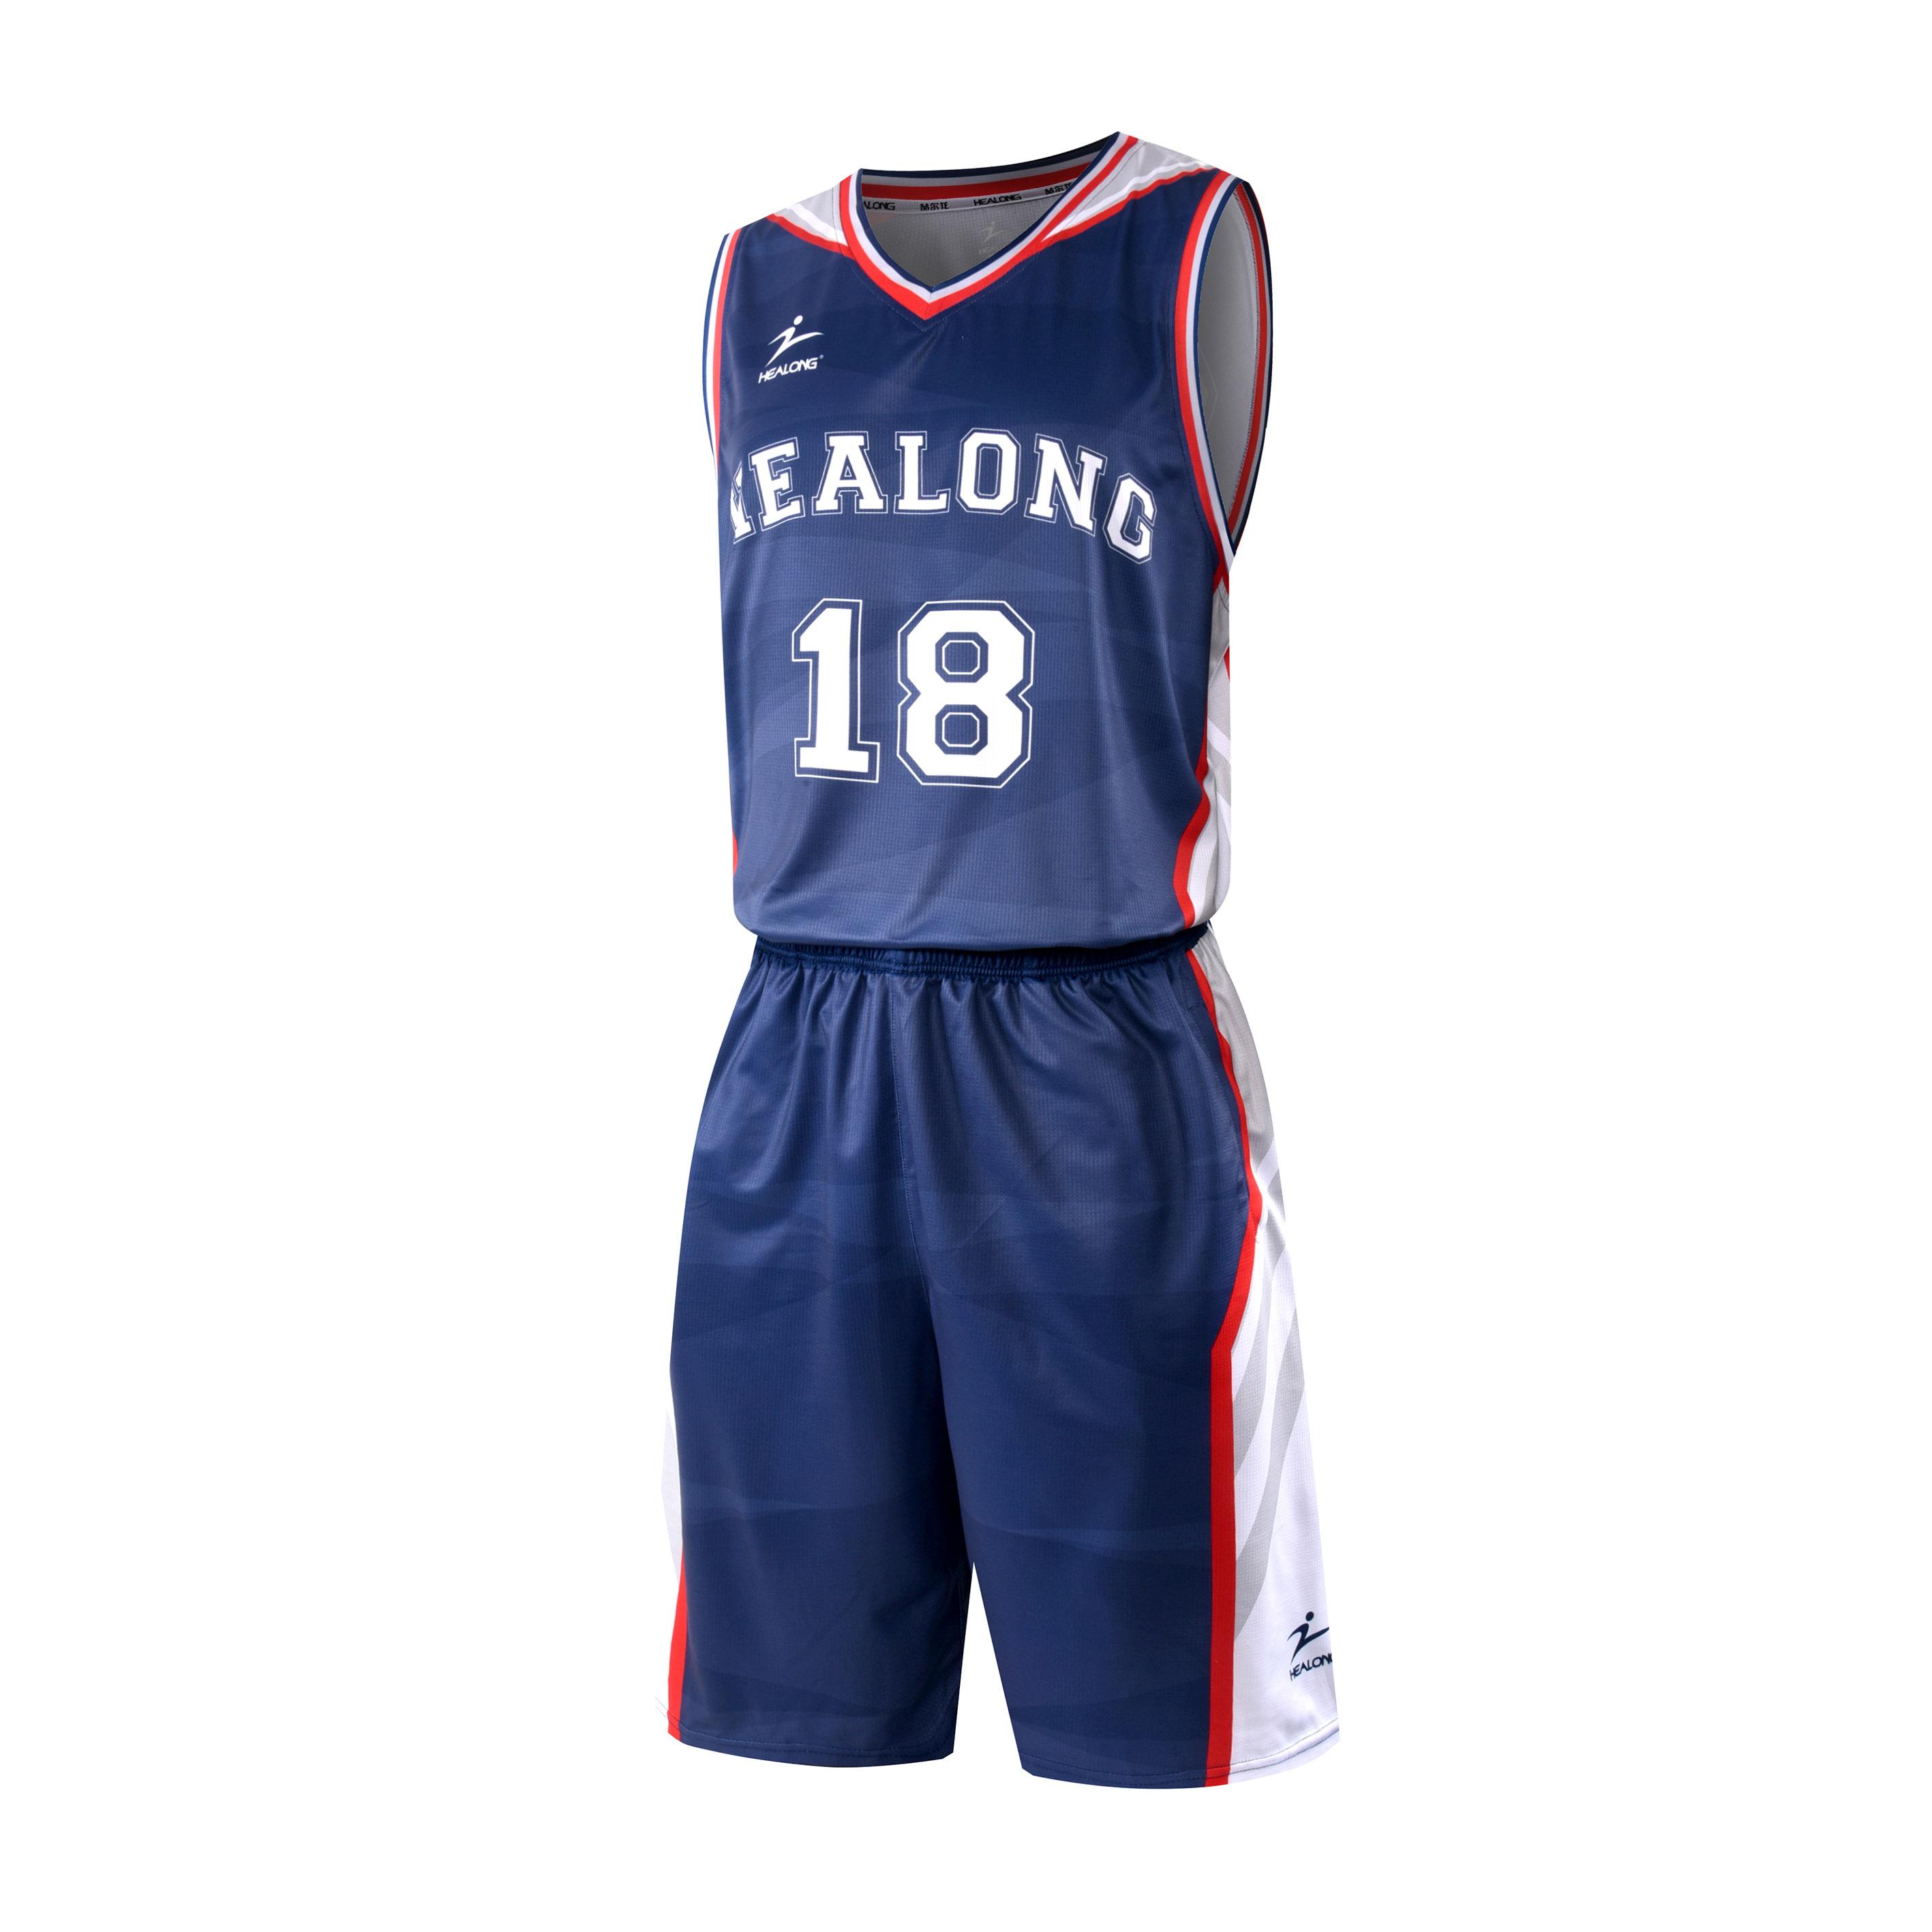 45d015383c4d Healong Custom Sublimation Blank Violet Basketball Jersey Uniform Design  Color Blue